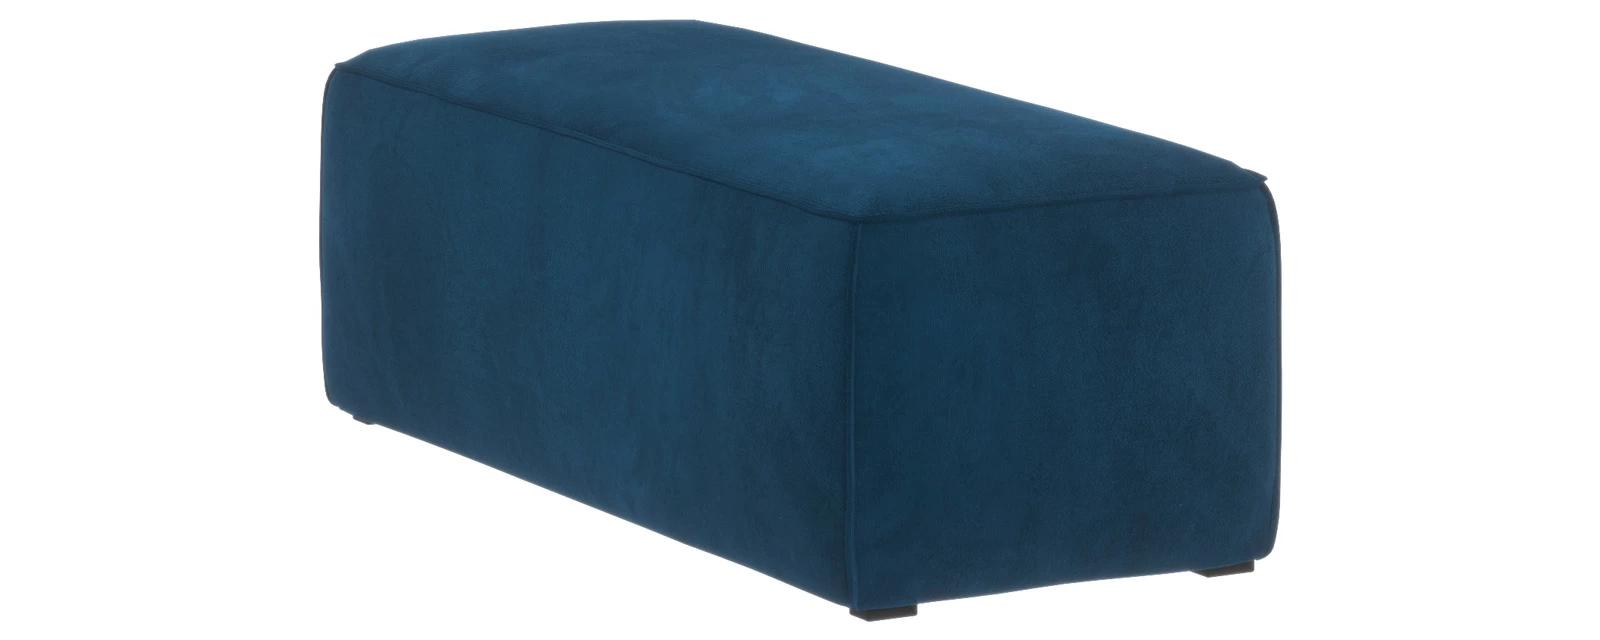 Банкетка Портленд Premier светло-синий (Микровелюр, правый)